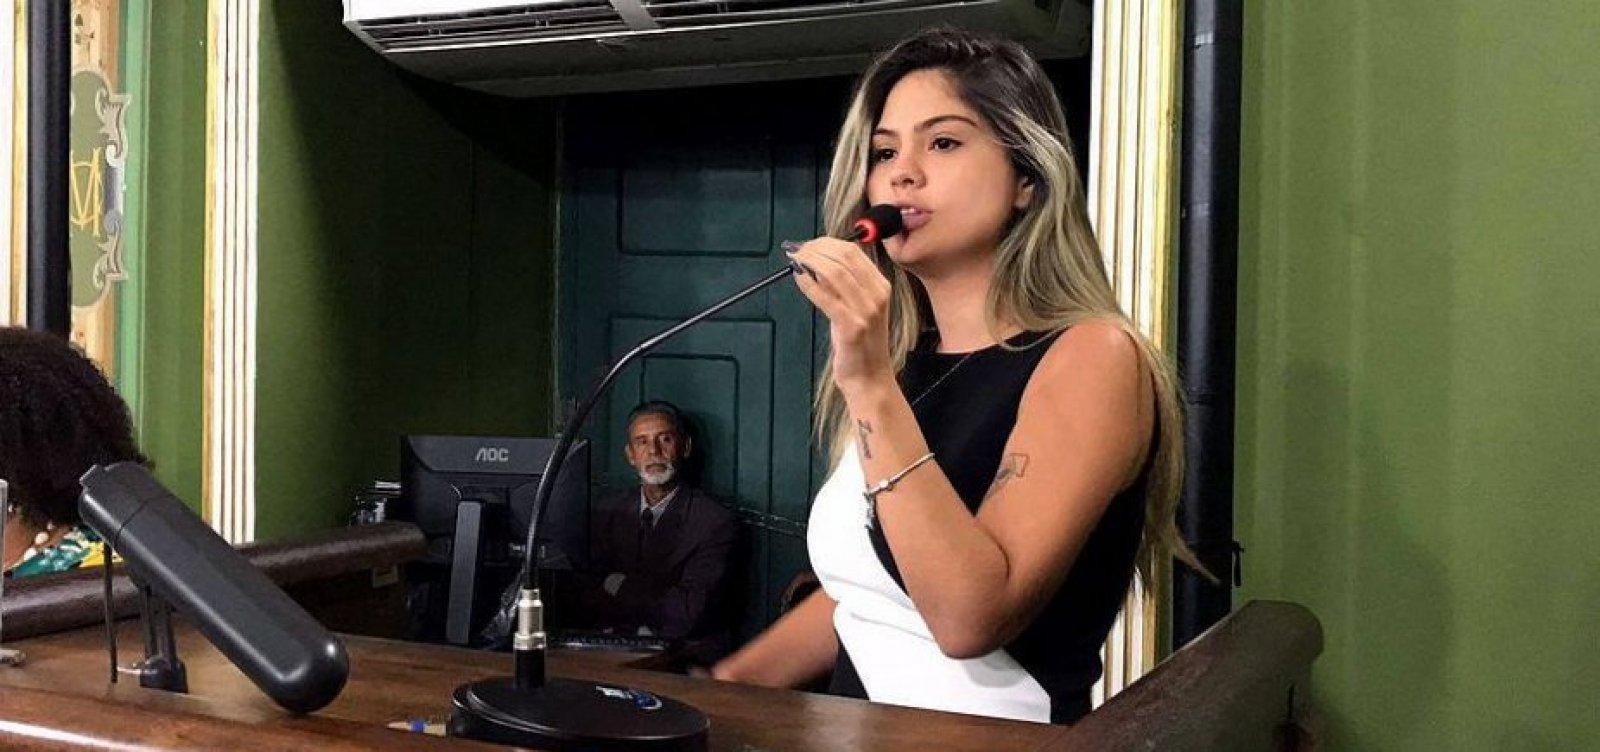 [Membros de religiões de matriz africana entram com representação no MP contra Marcelle Moraes]